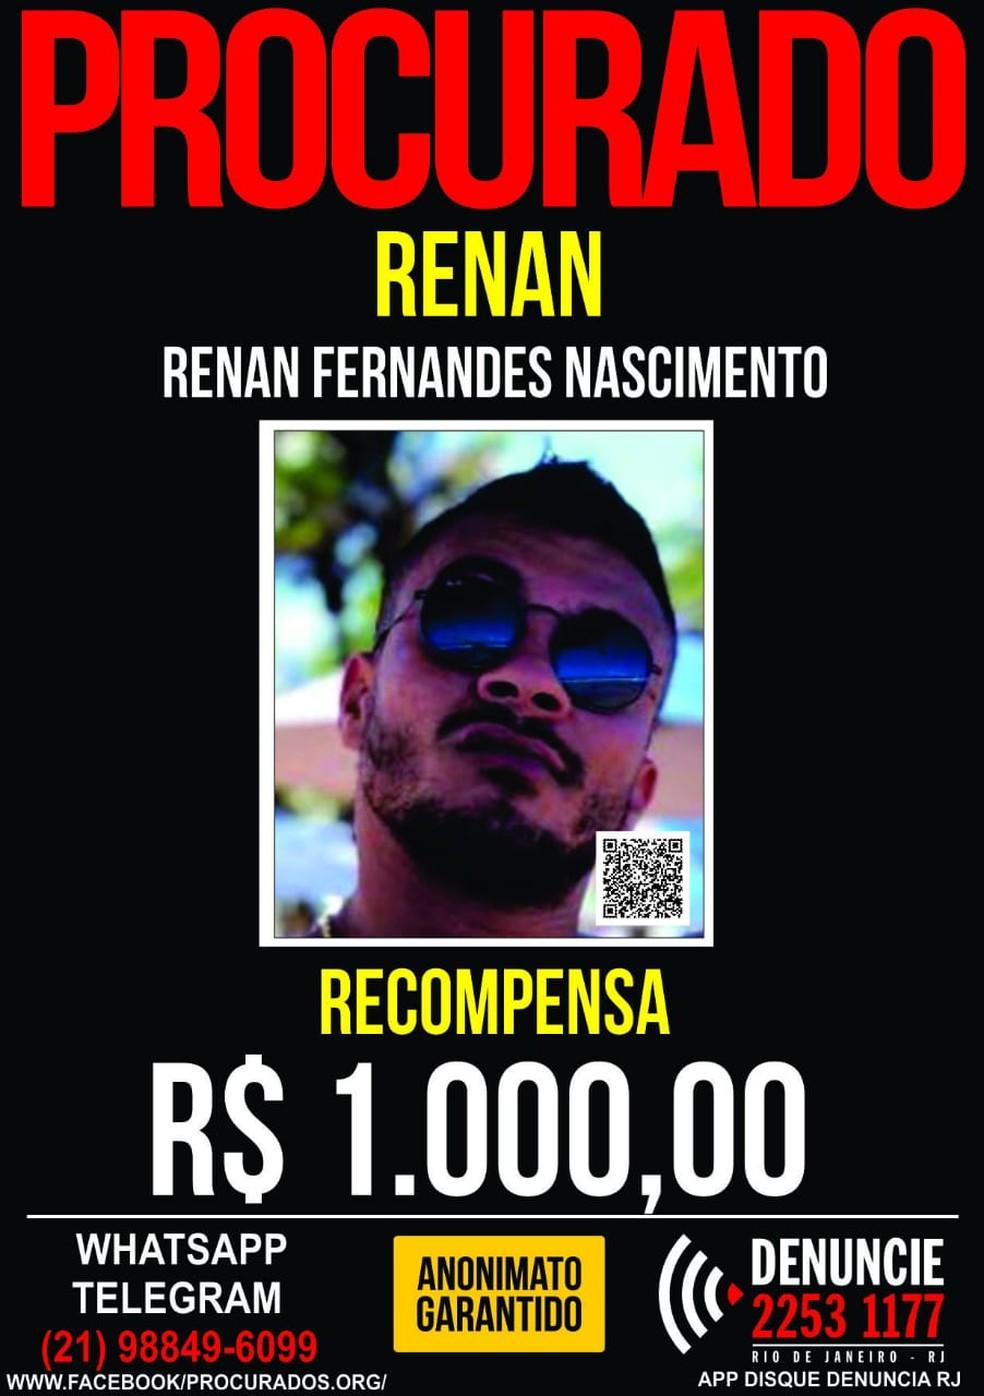 Disque Denúncia oferece recompensa por ifnormações que levem ao acusado (Foto: Divulgação)